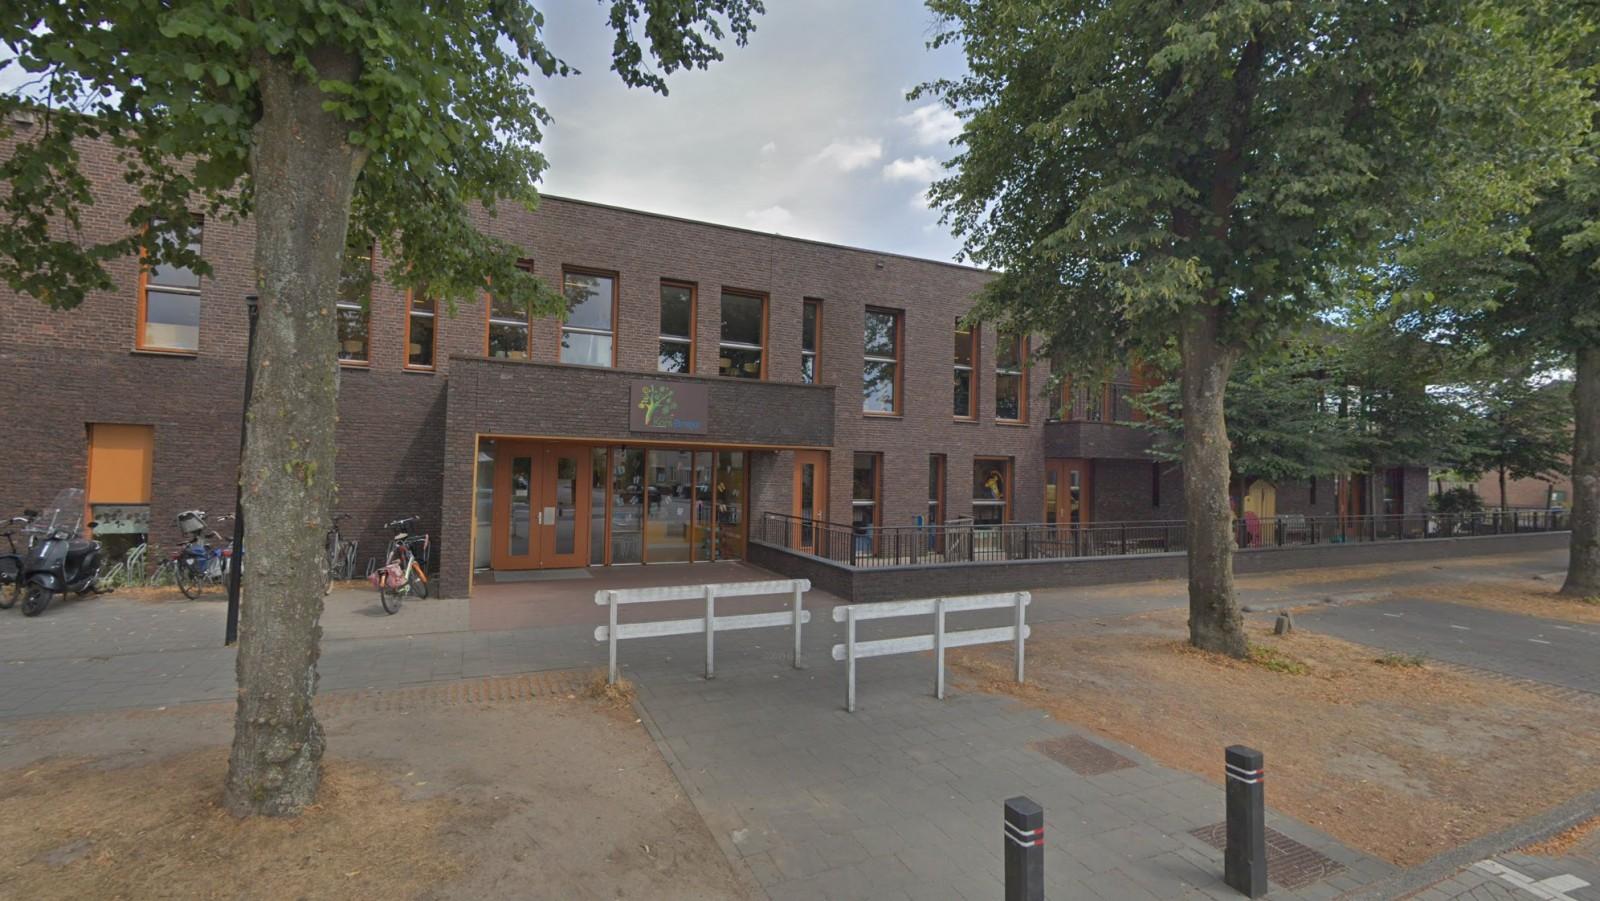 'Medewerker basisschool Weesp al maanden vast wegens ontucht met kinderen'